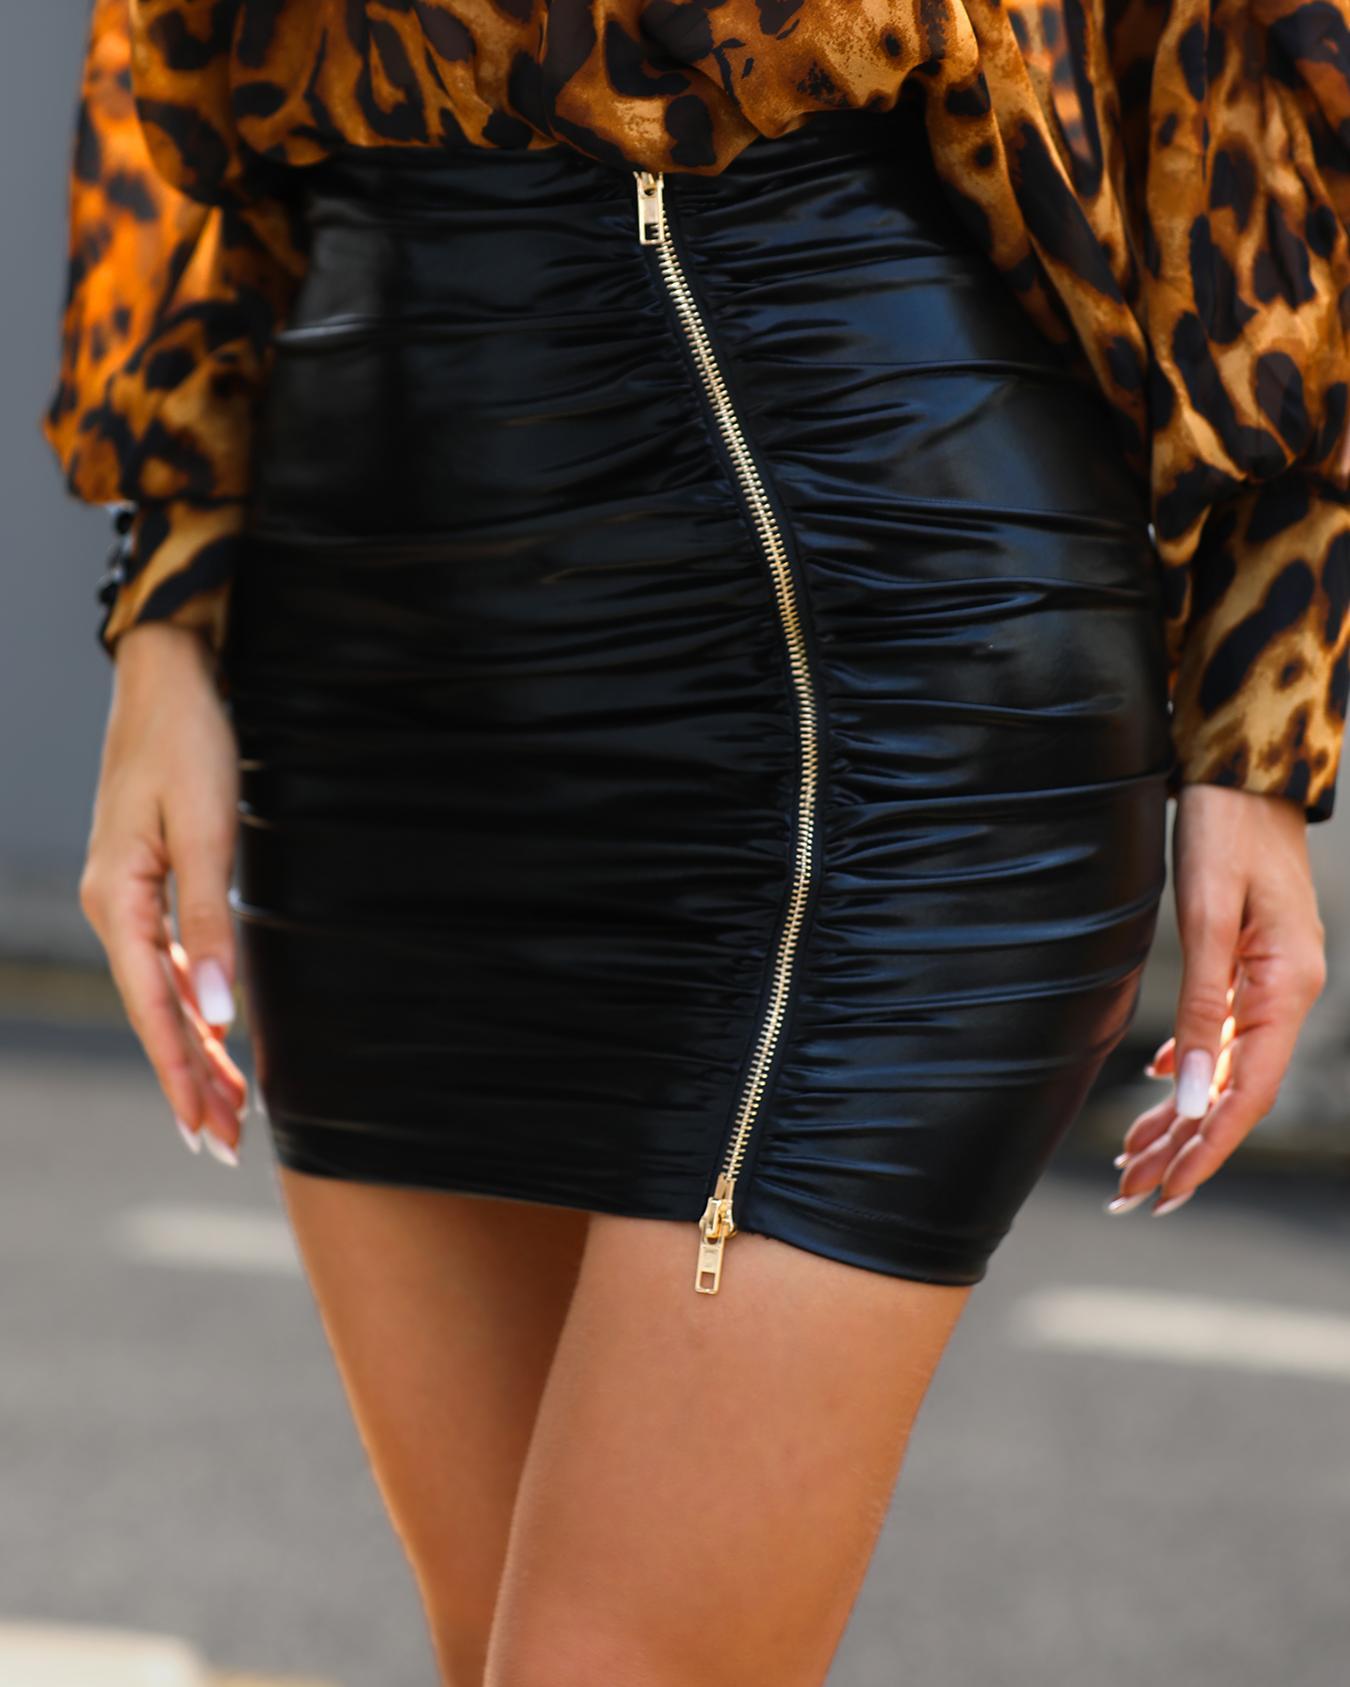 High Waist Ruched Zipper PU Slinky Skirt, Black